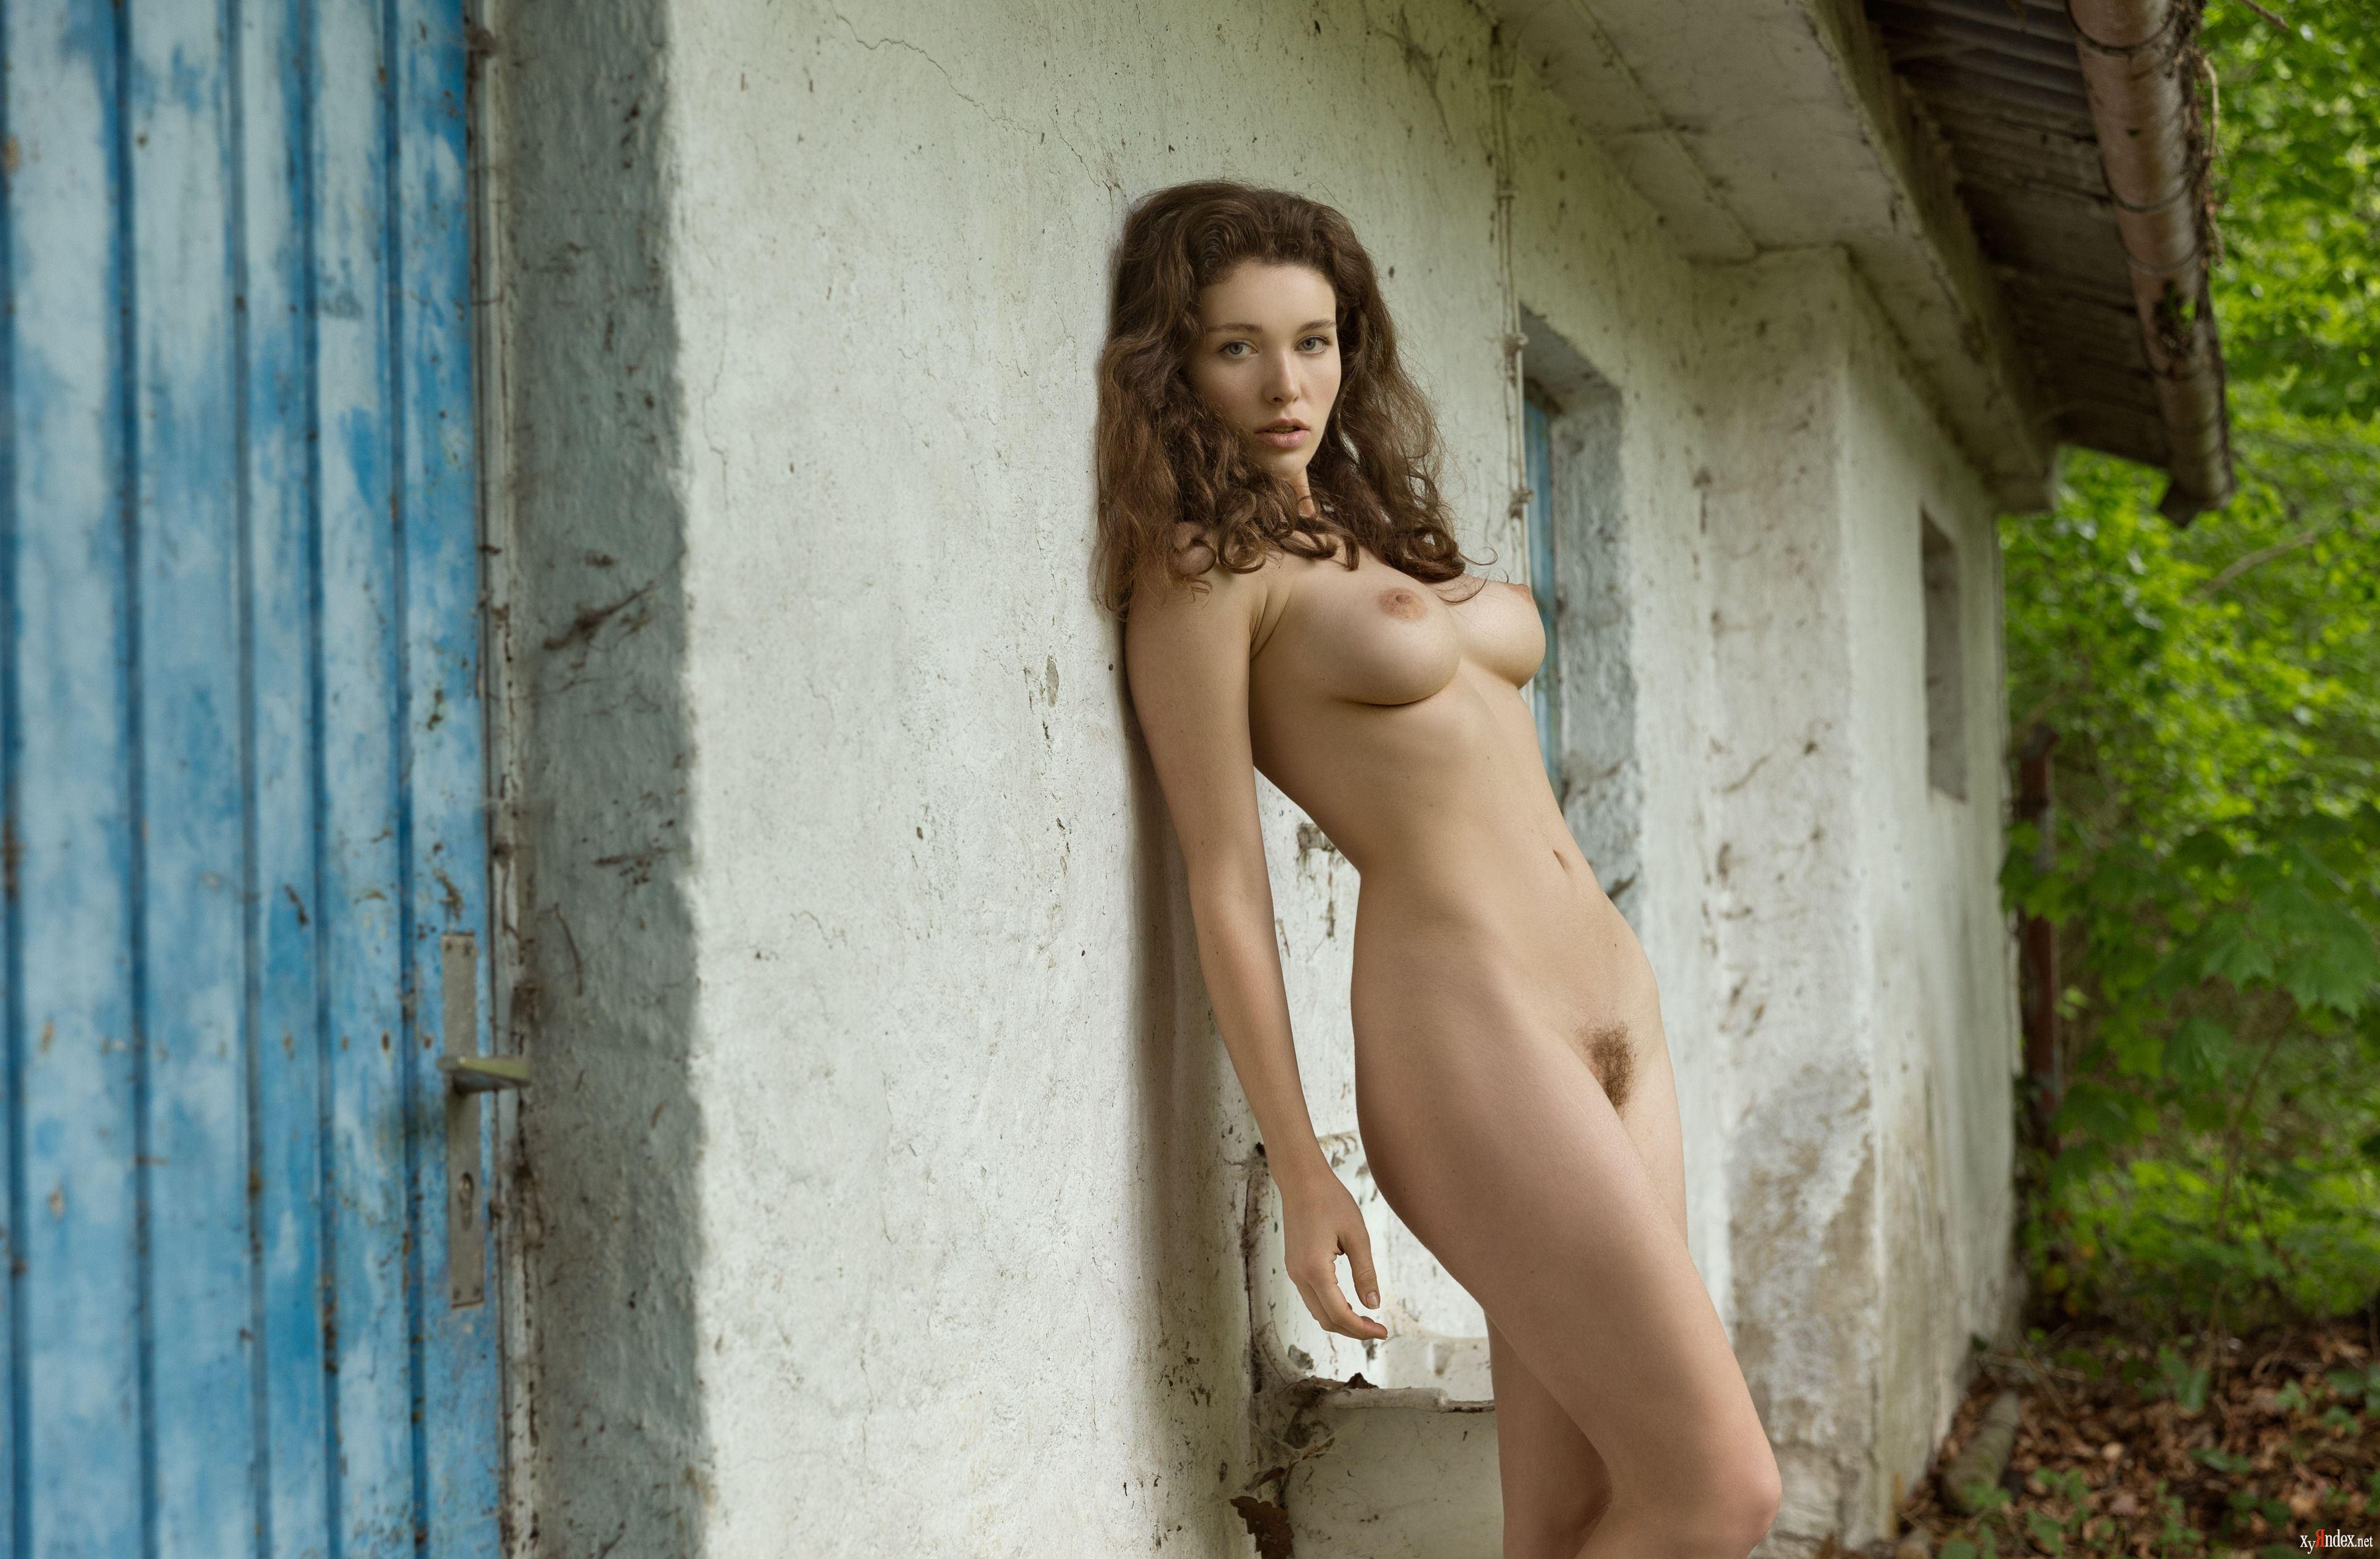 Смотреть эротические фото голой вики, порно лучшие подборка